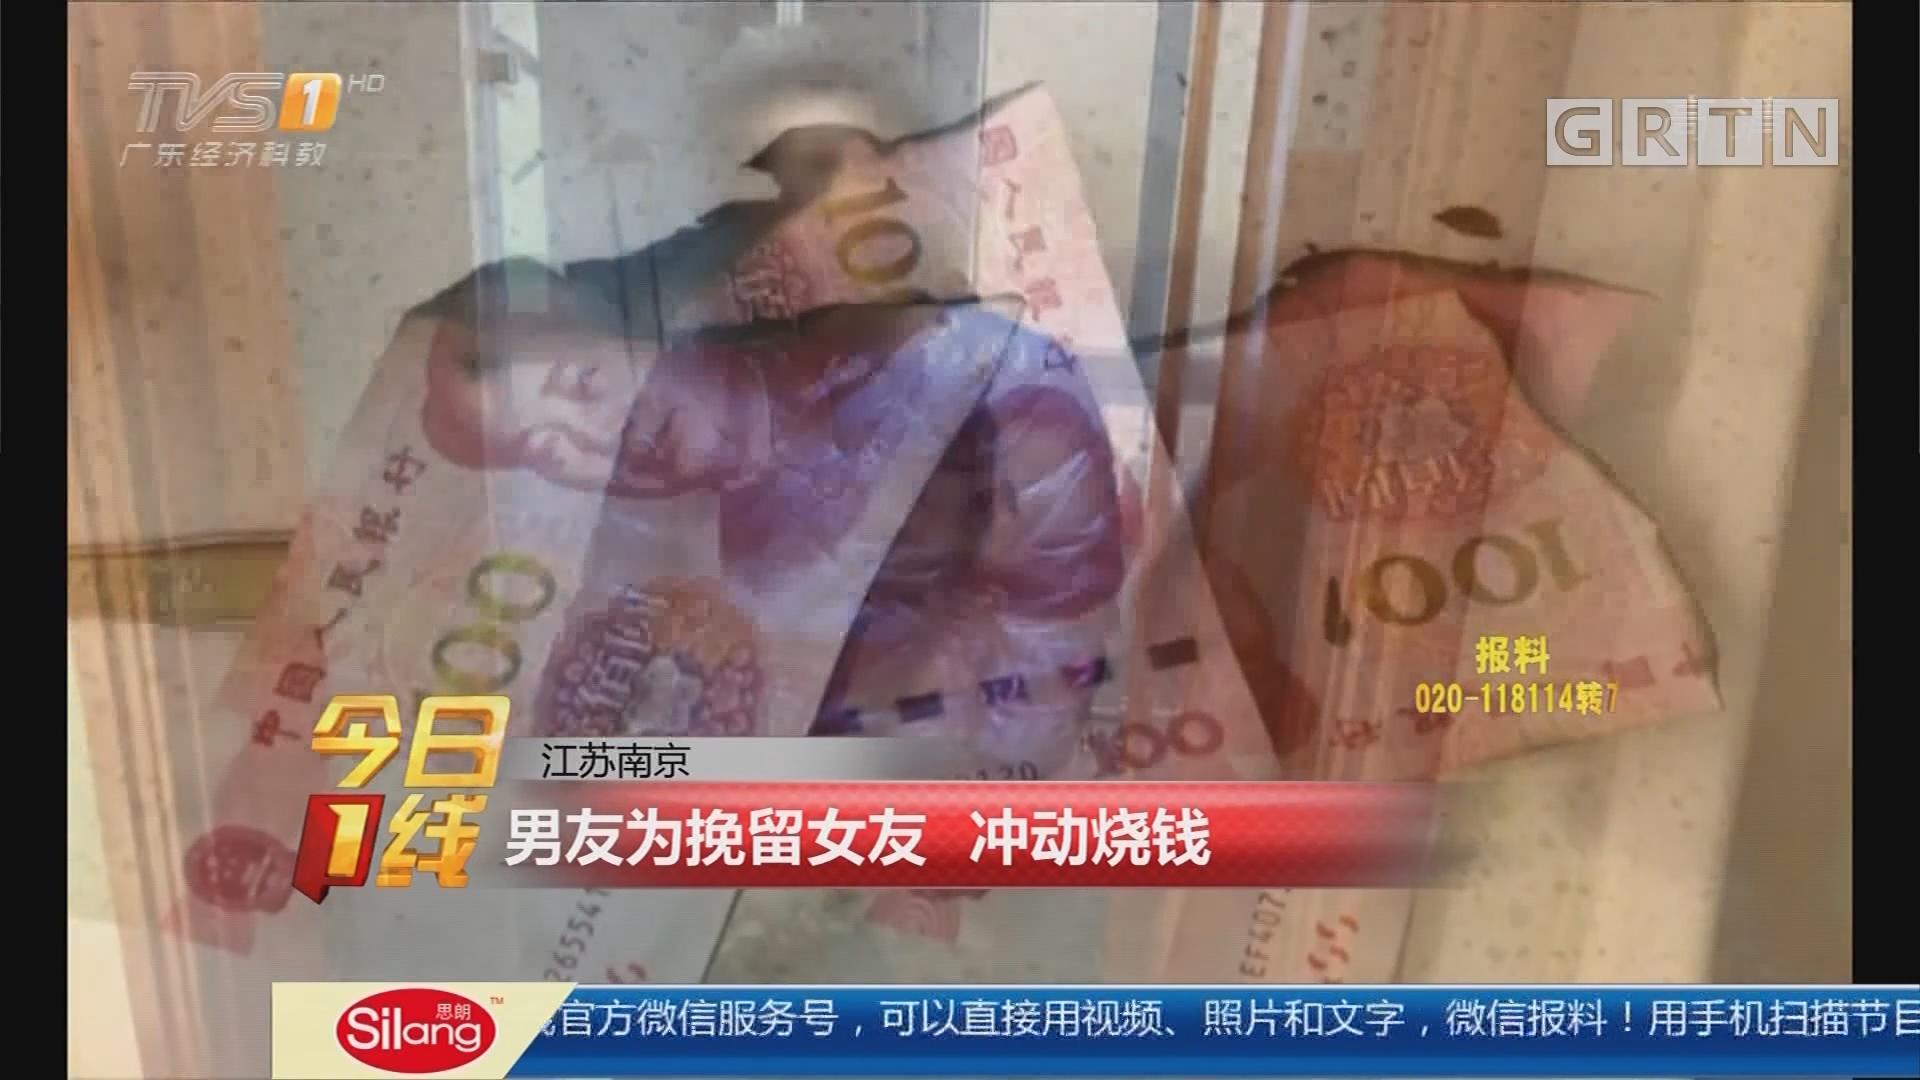 江苏南京:男友为挽留女友 冲动烧钱